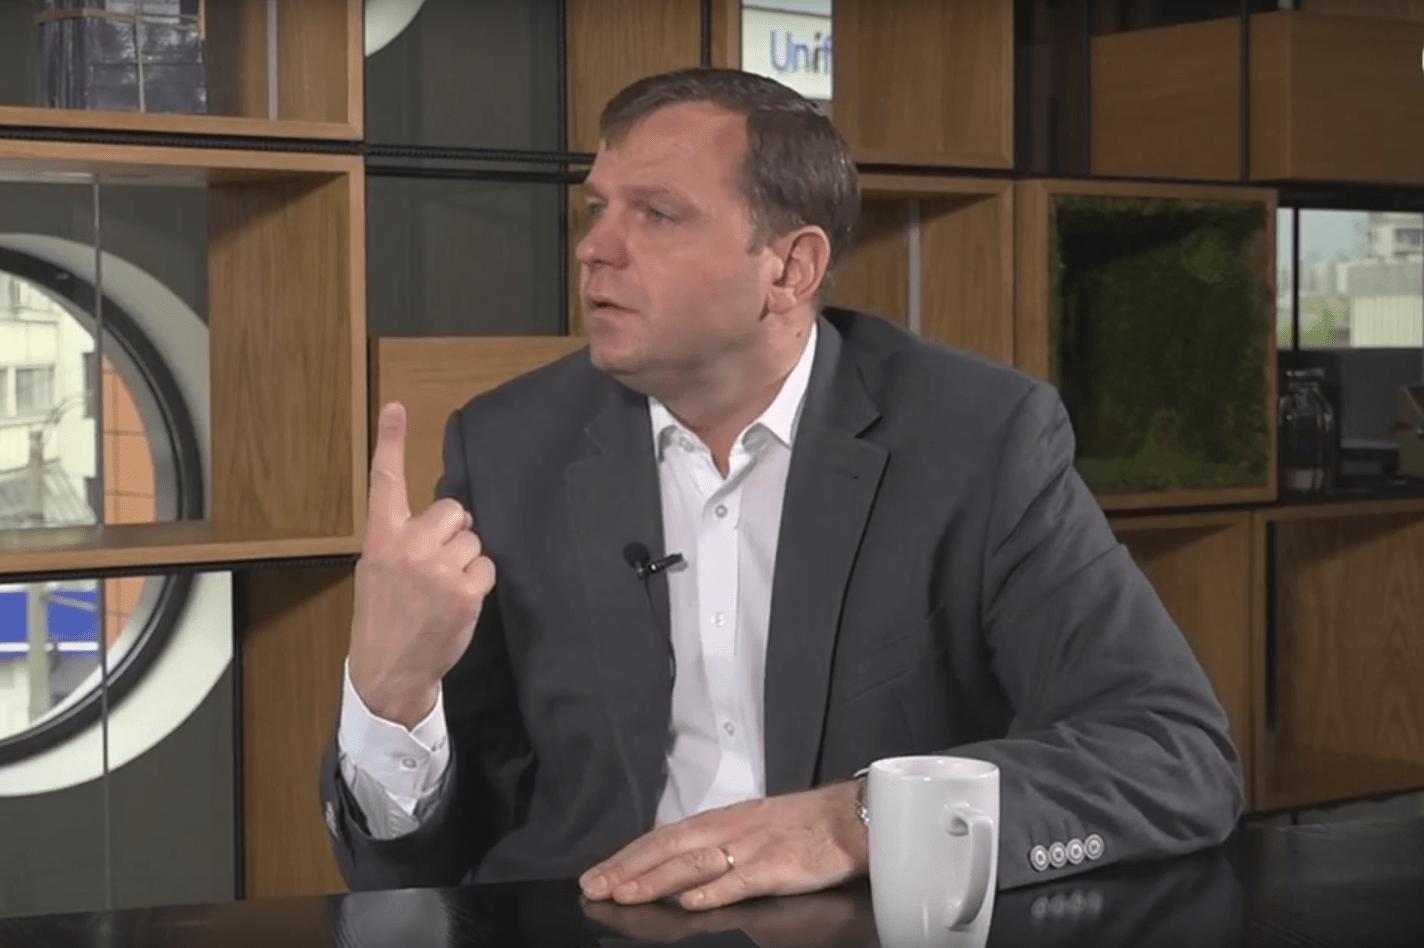 Андрей Нэстасе раскритиковал решение Конституционного Суда: Плохой спектакль безответственных политиков 3 17.04.2021